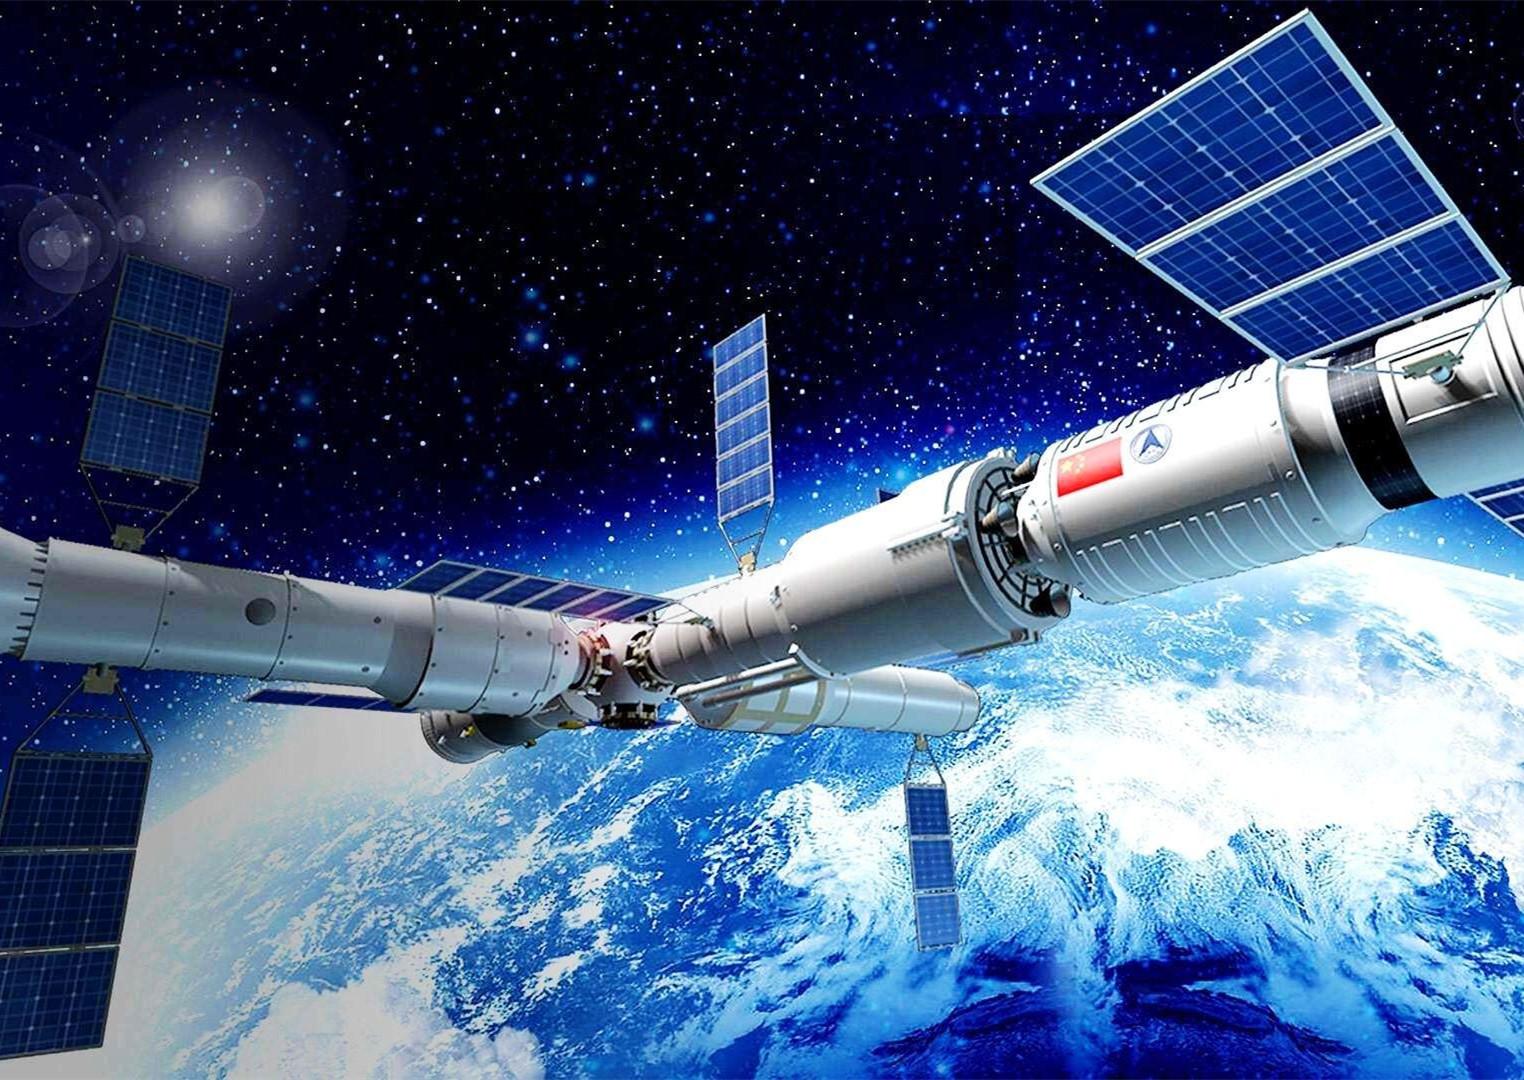 中國空間站在軌建造第二戰打響!長征七號遙三火箭成功發射天舟二號貨運飛船